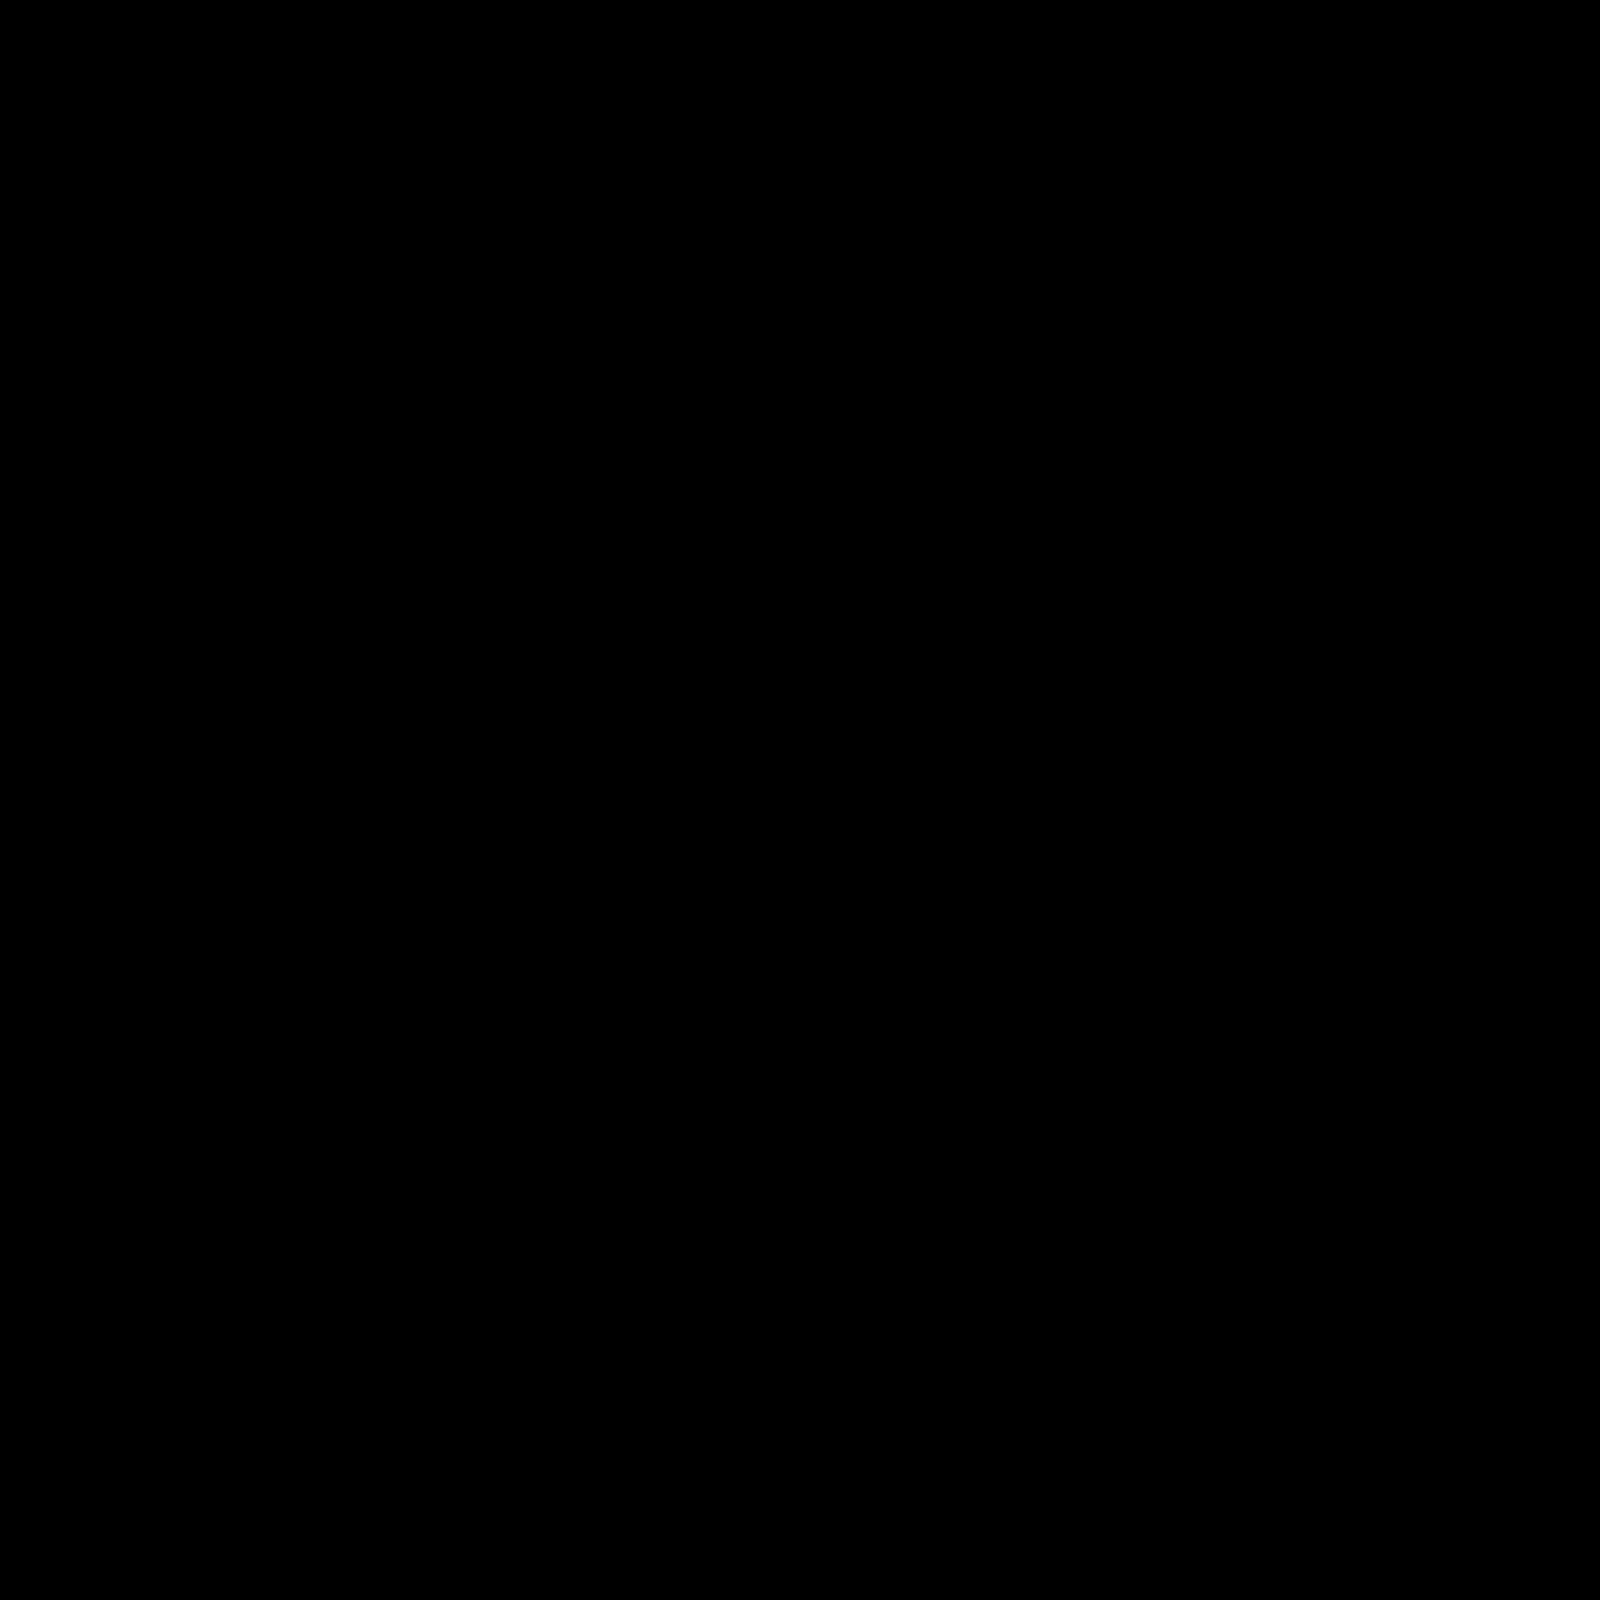 Джакузи icon